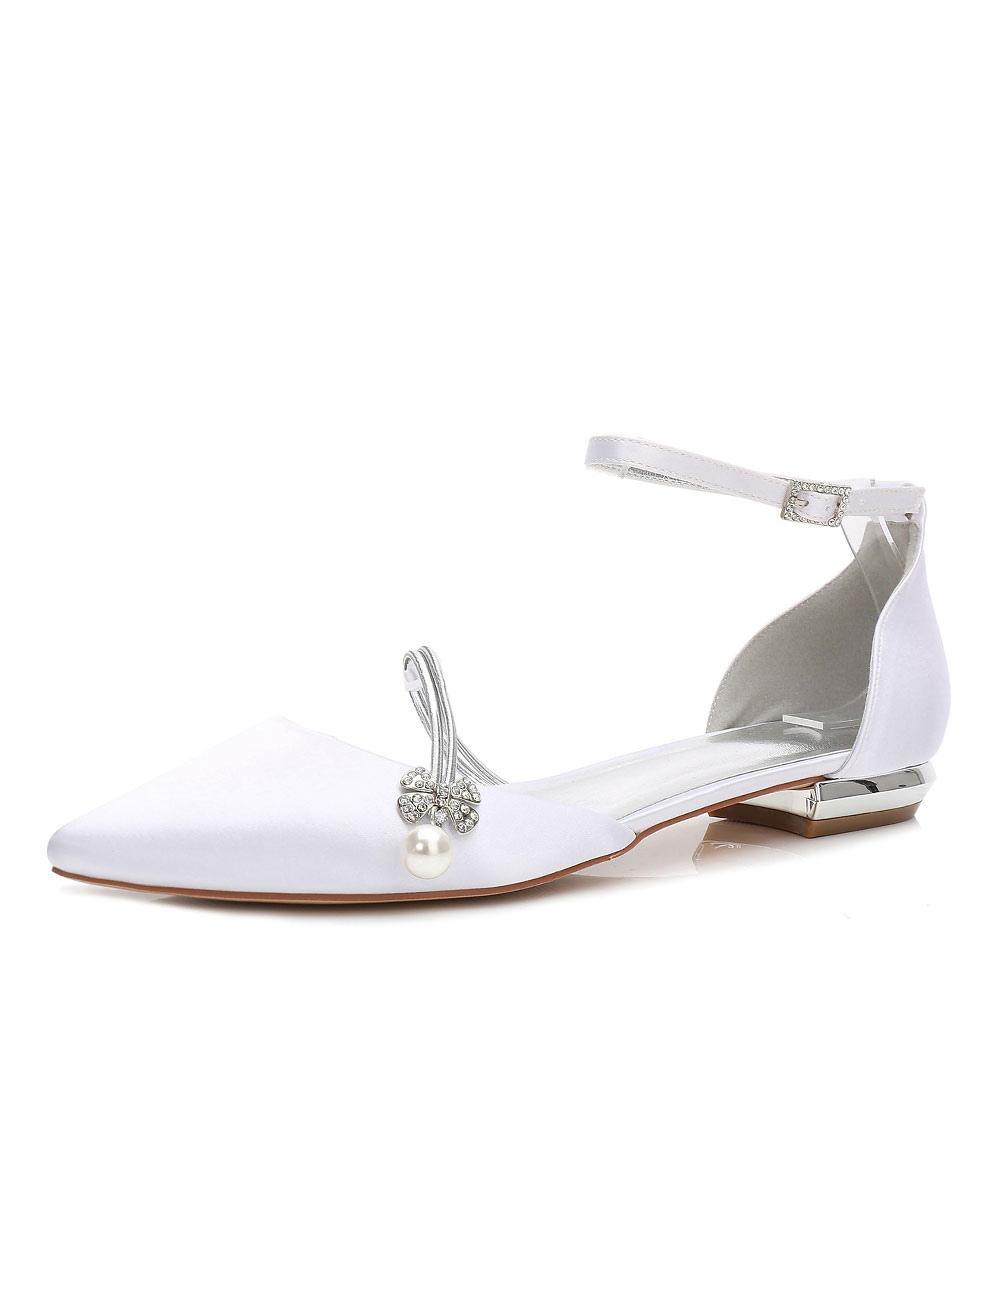 Satin Wedding Shoes White Bridesmaid Shoes Pointed Toe Rhinestones Flat Bridal Shoes